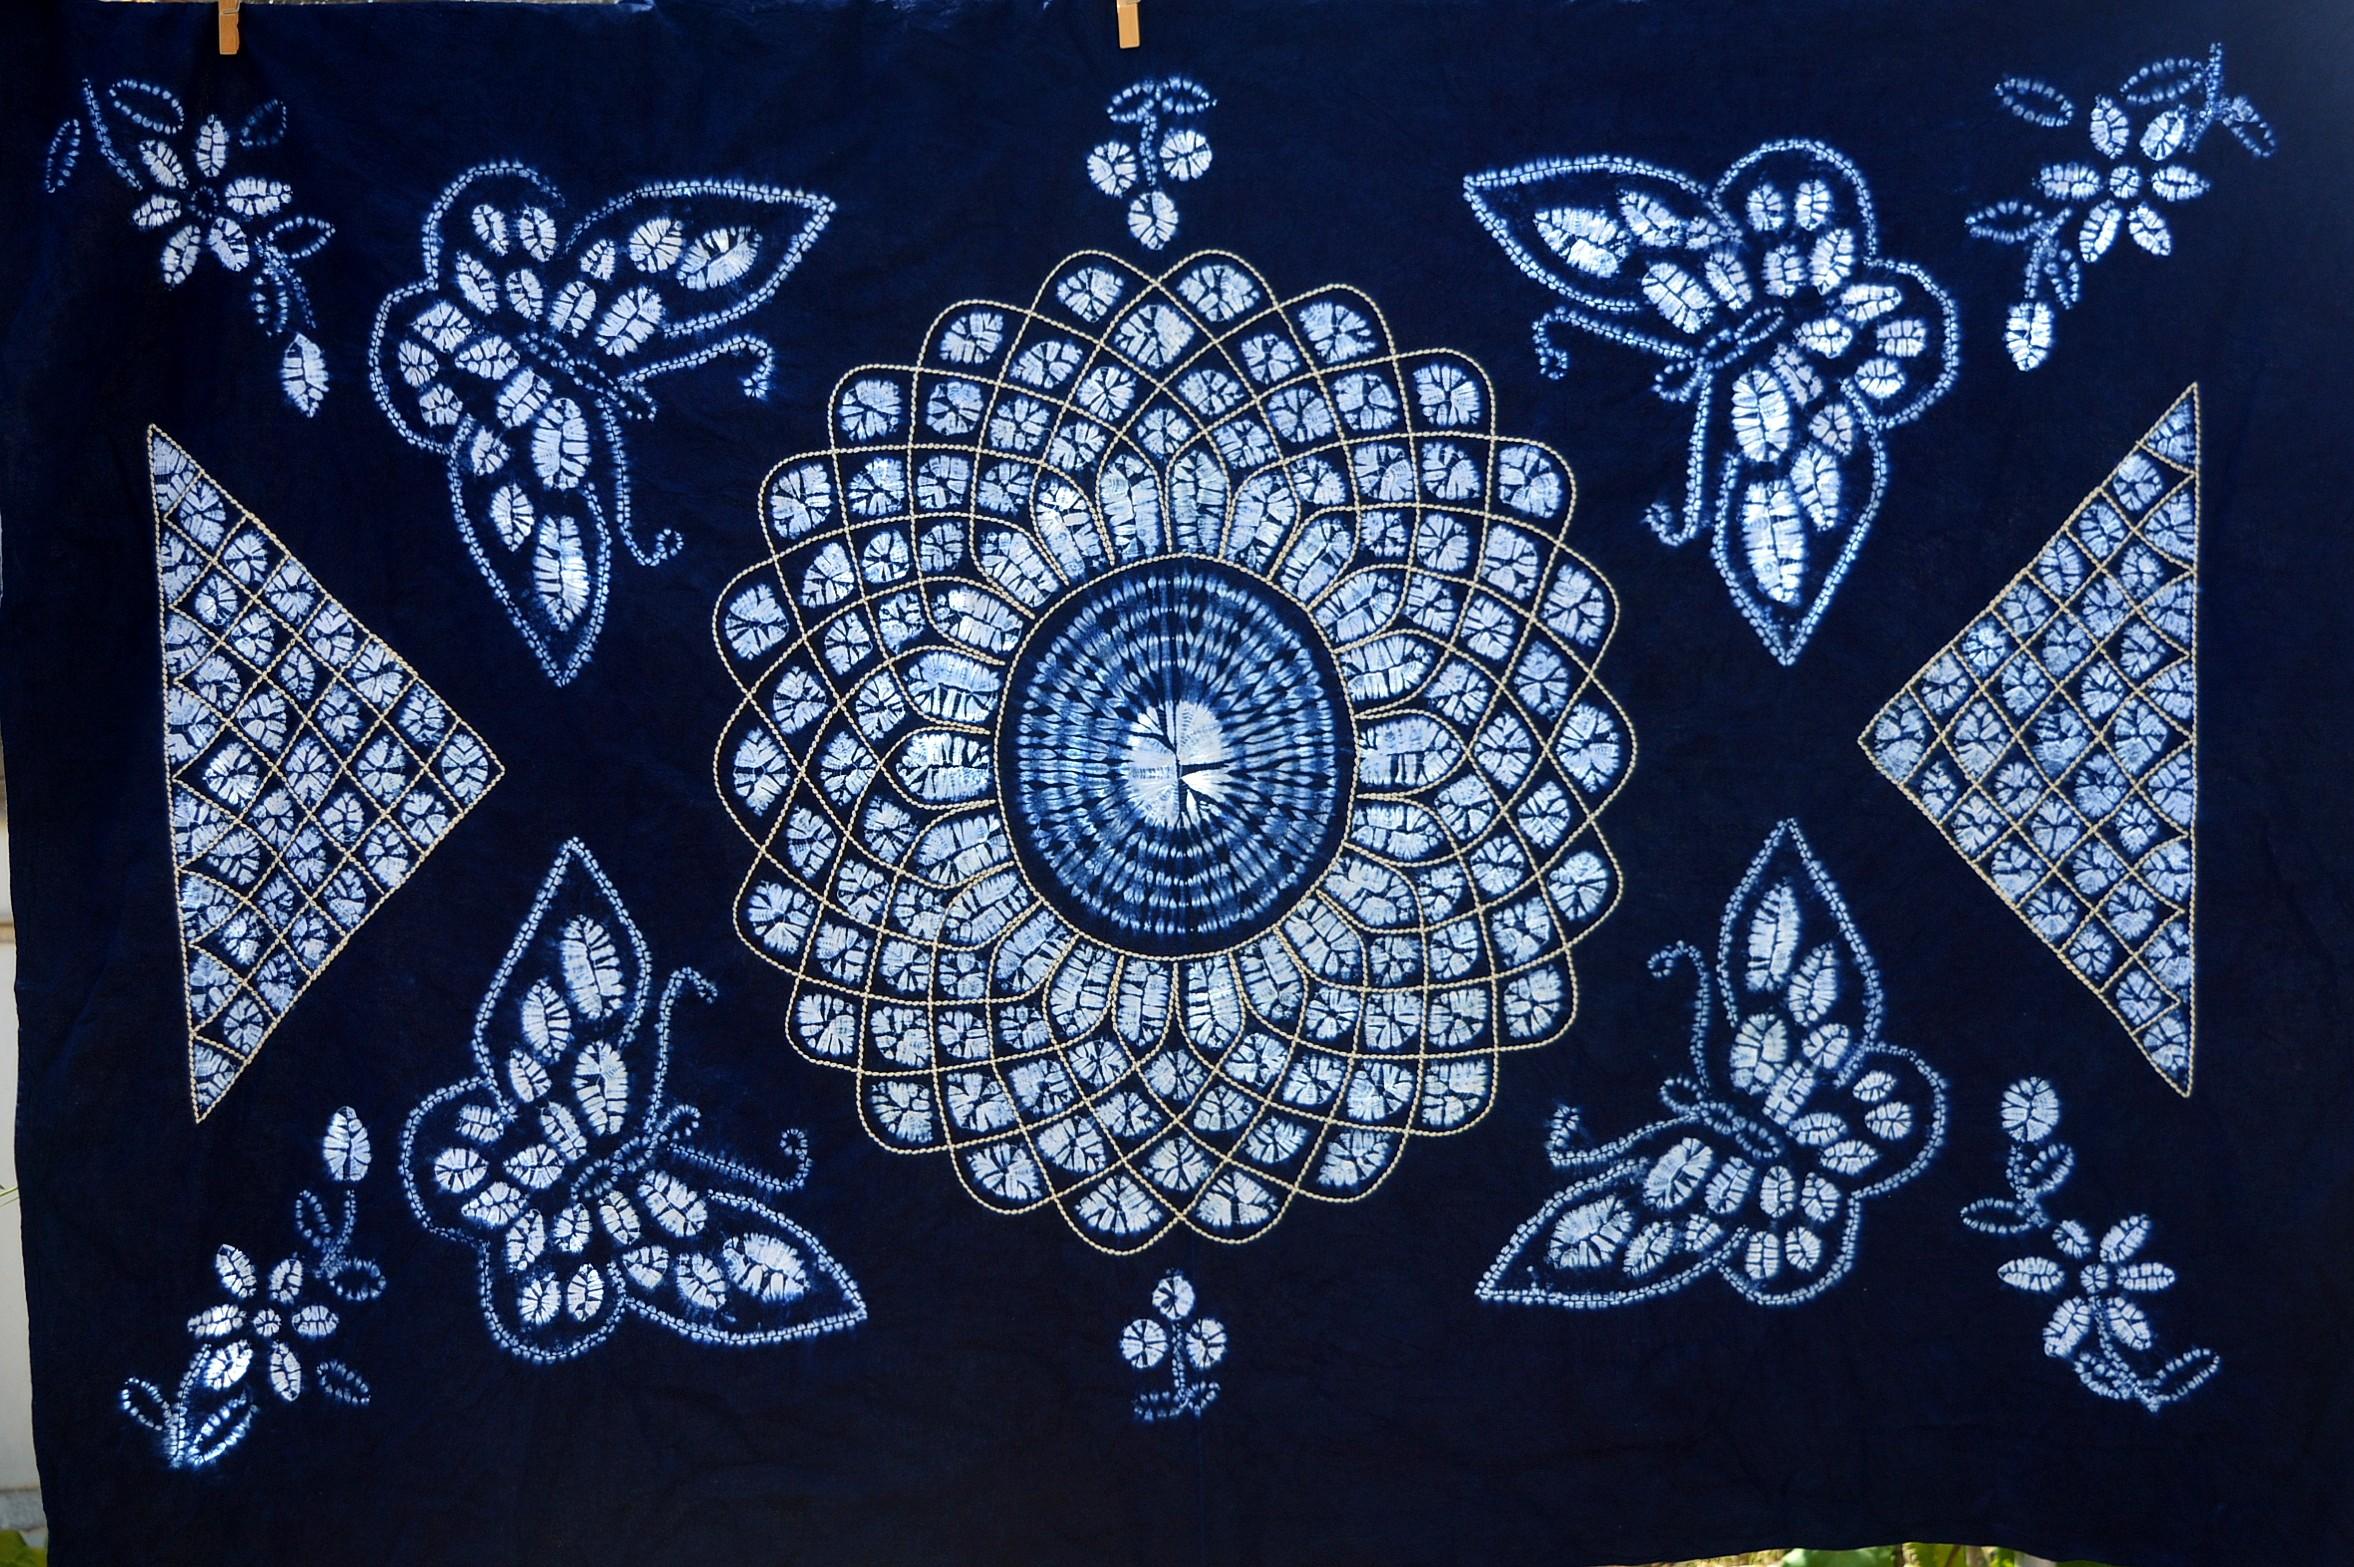 云南大理白族手工扎染桌布壁挂民族风礼物装饰1.1m*1.6m多种图案